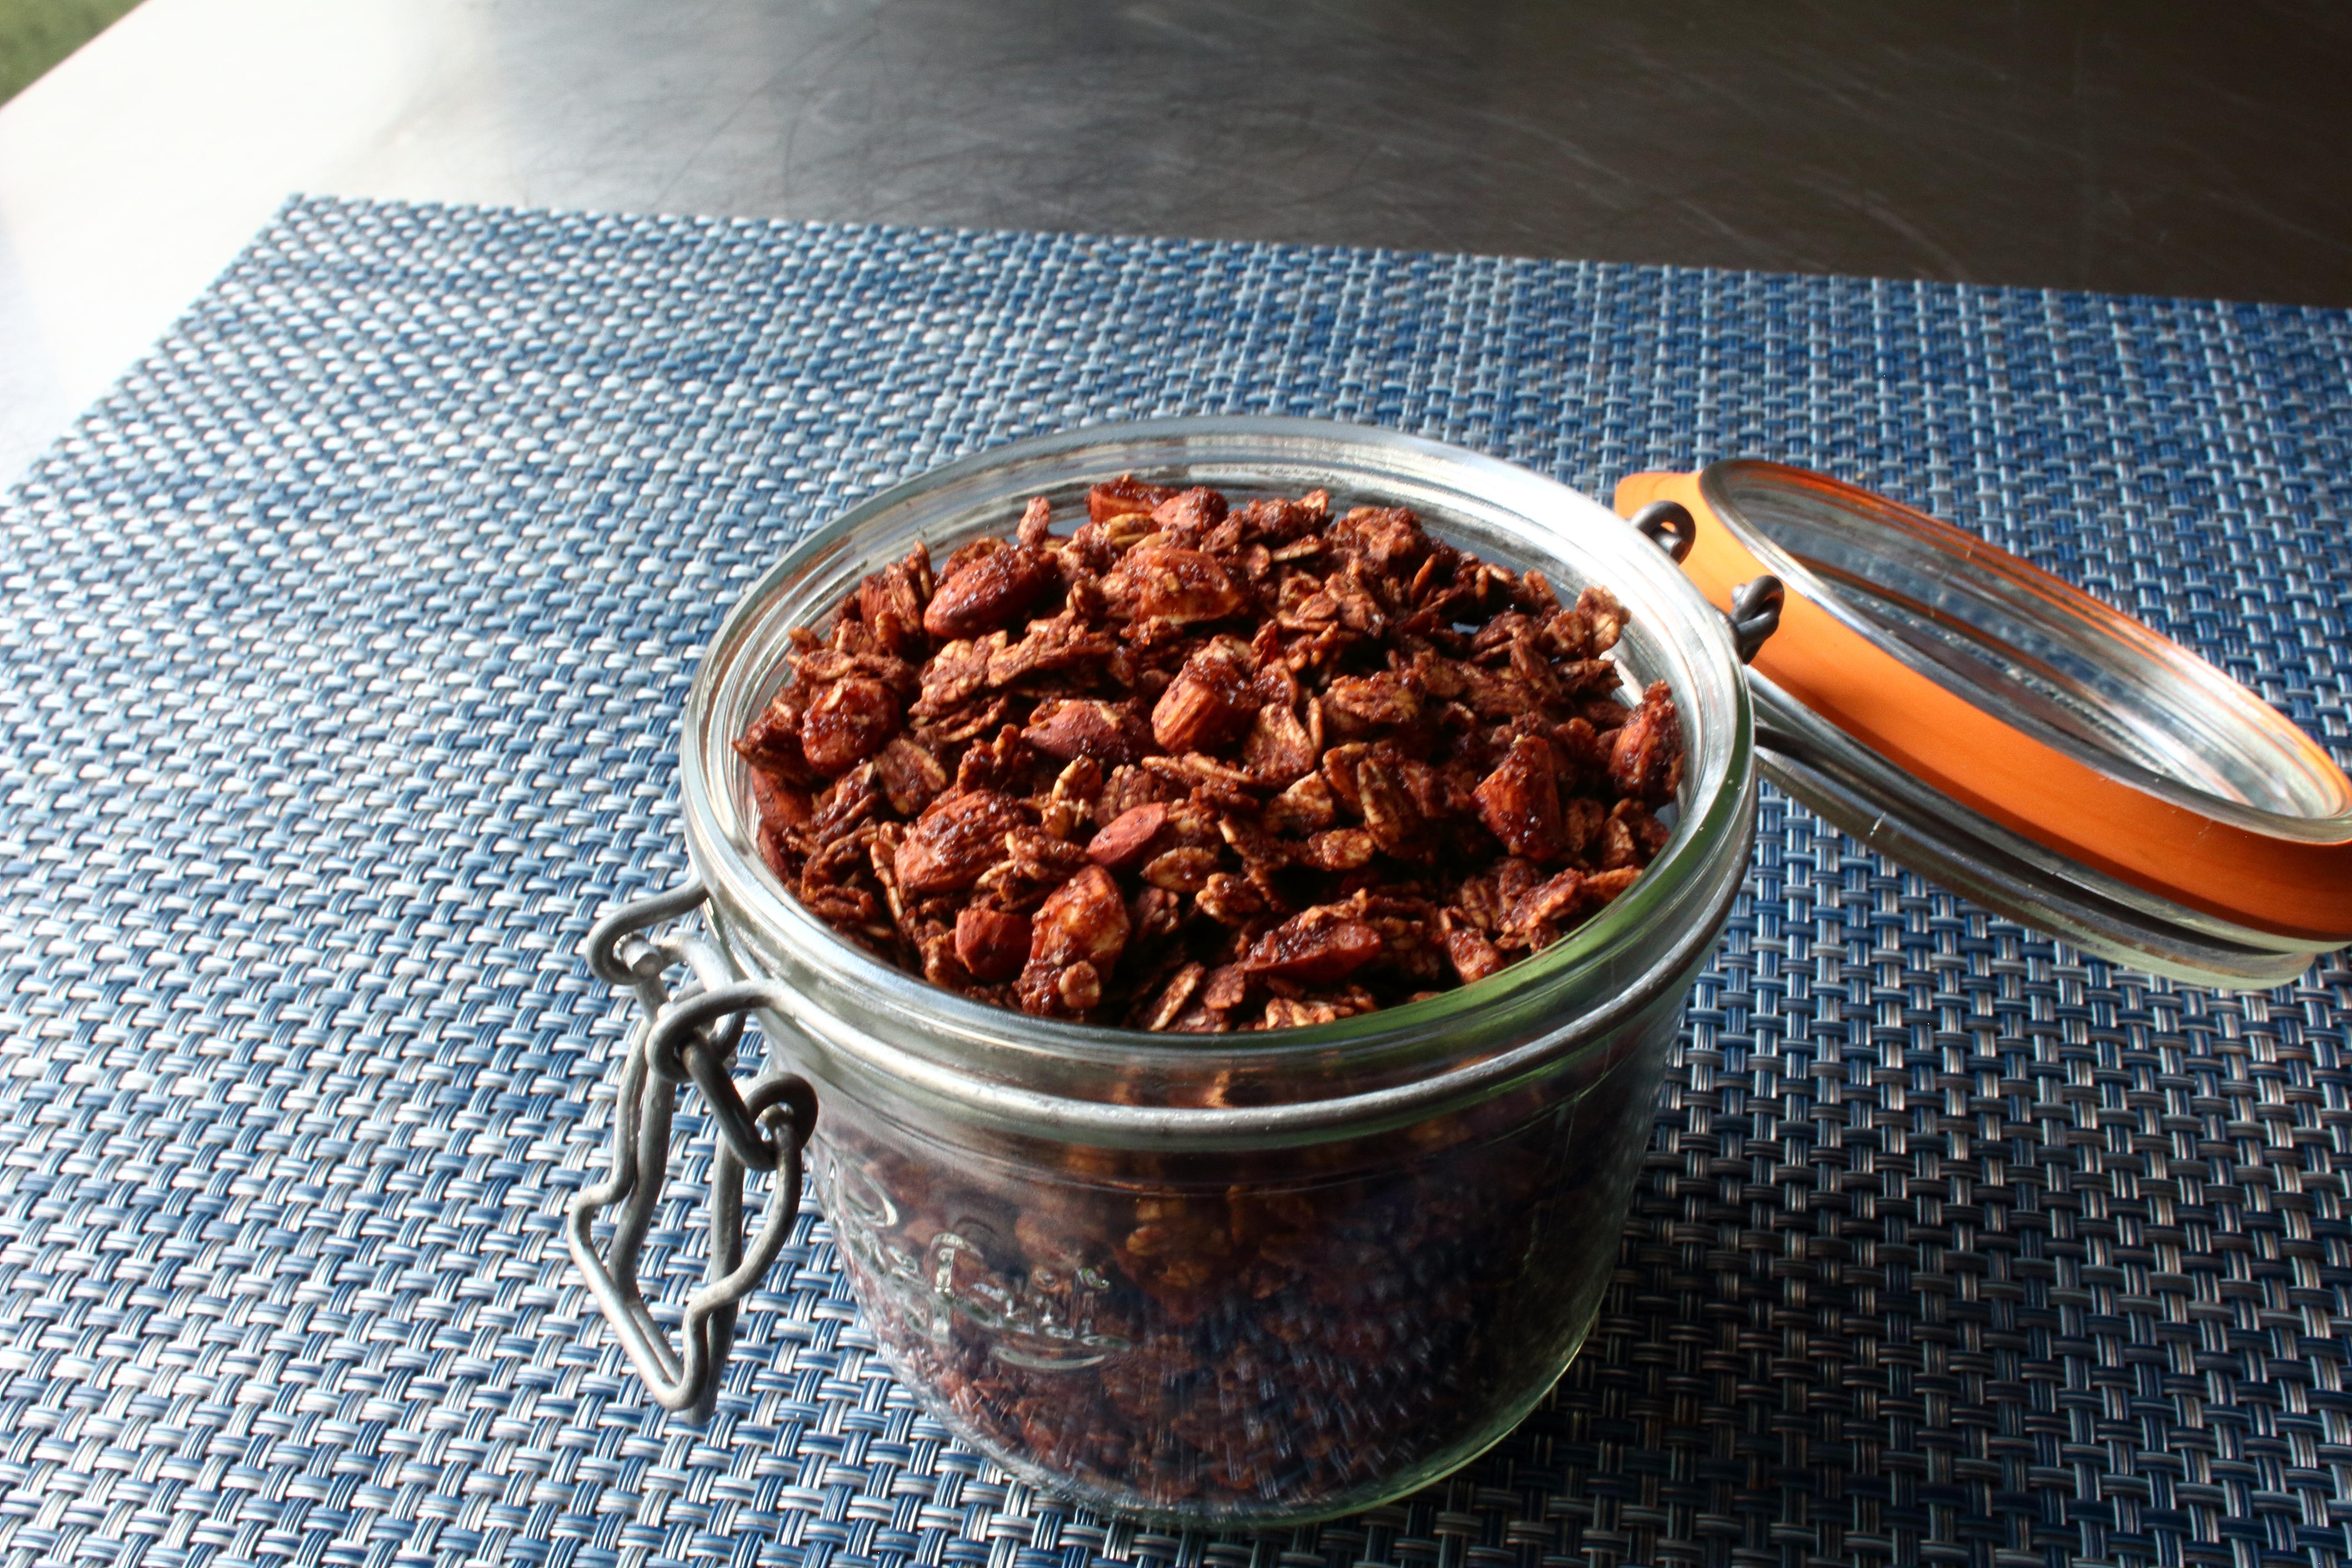 Chef John's Chocolate Granola